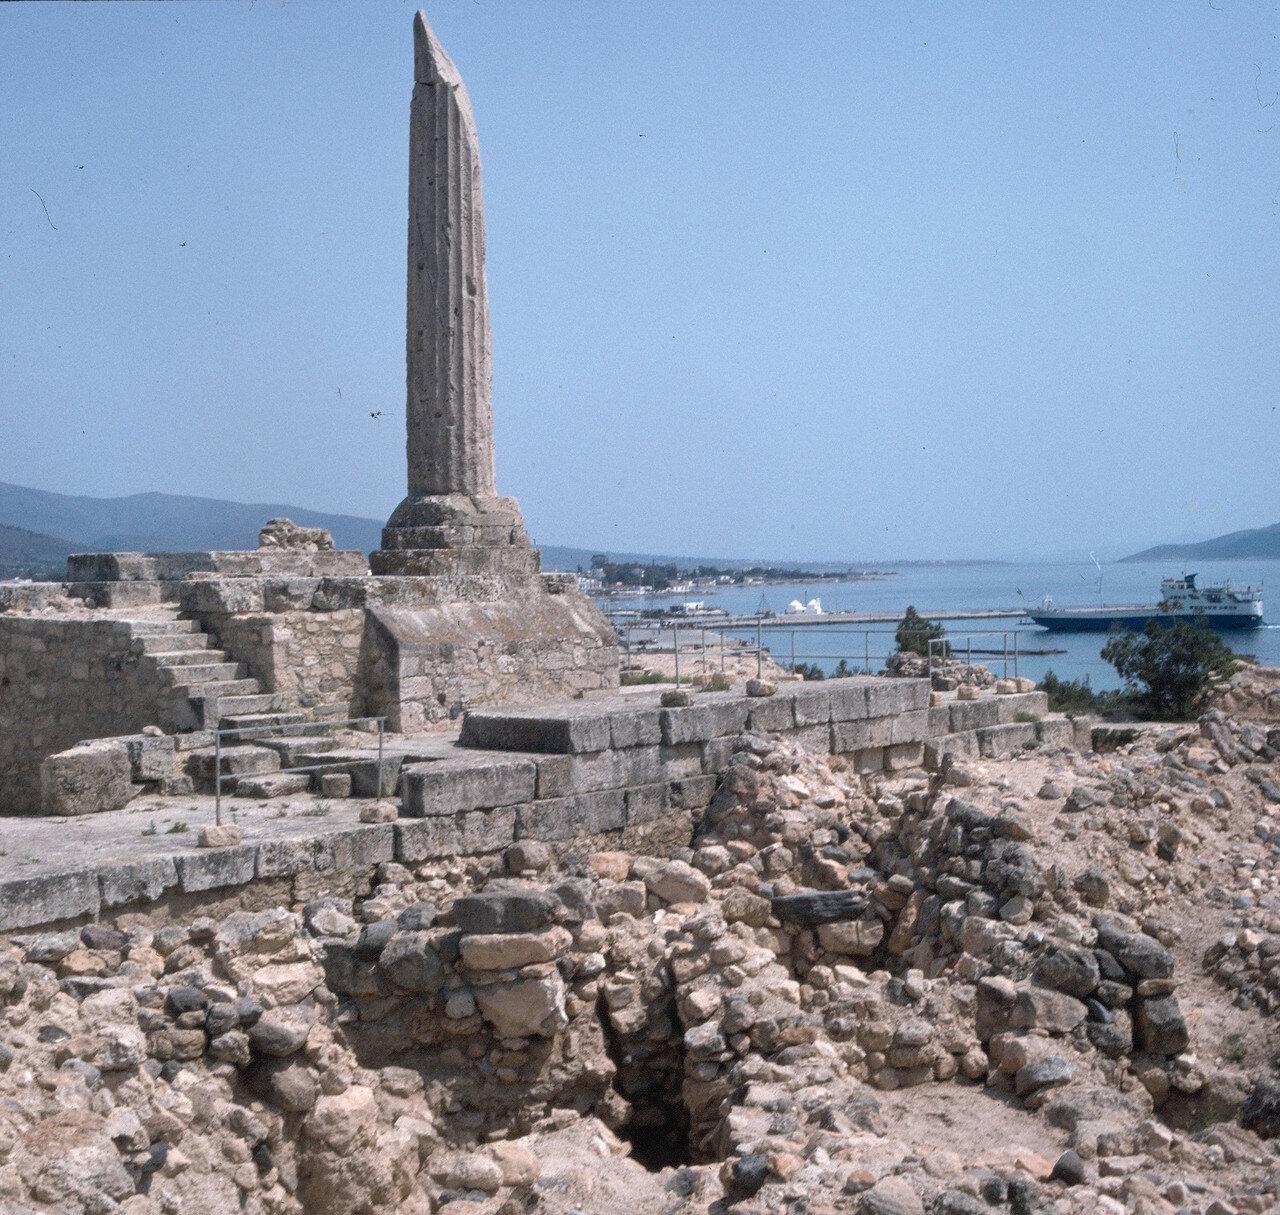 Эгина. Храм Аполлона. Колонна и подвально-цокольная часть храма. Начало V в. до н.э.